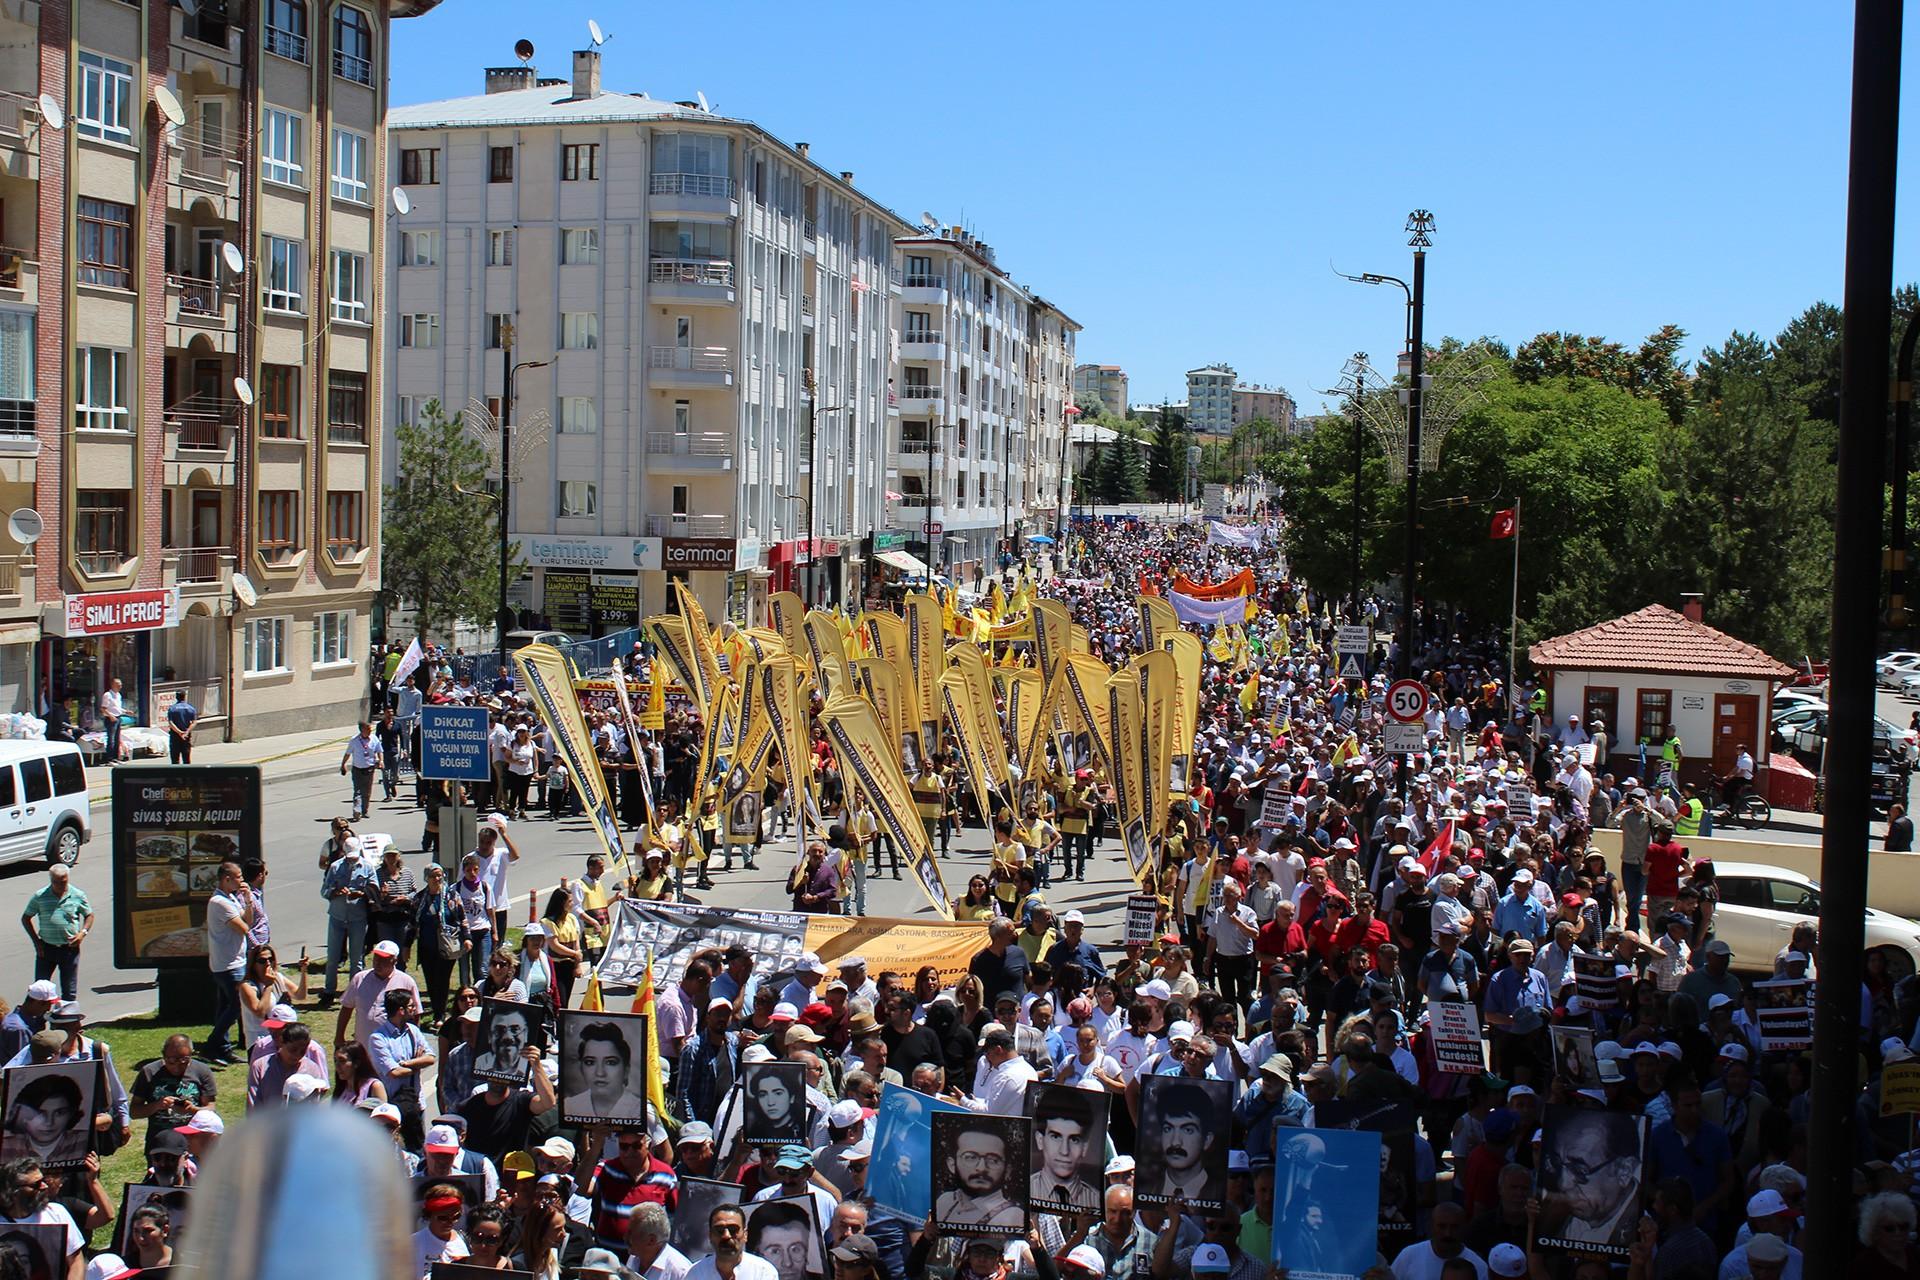 Sivas Katliamı'nın 26. yılında binler haykırdı: Madımak'ın ateşi hâlâ sönmedi